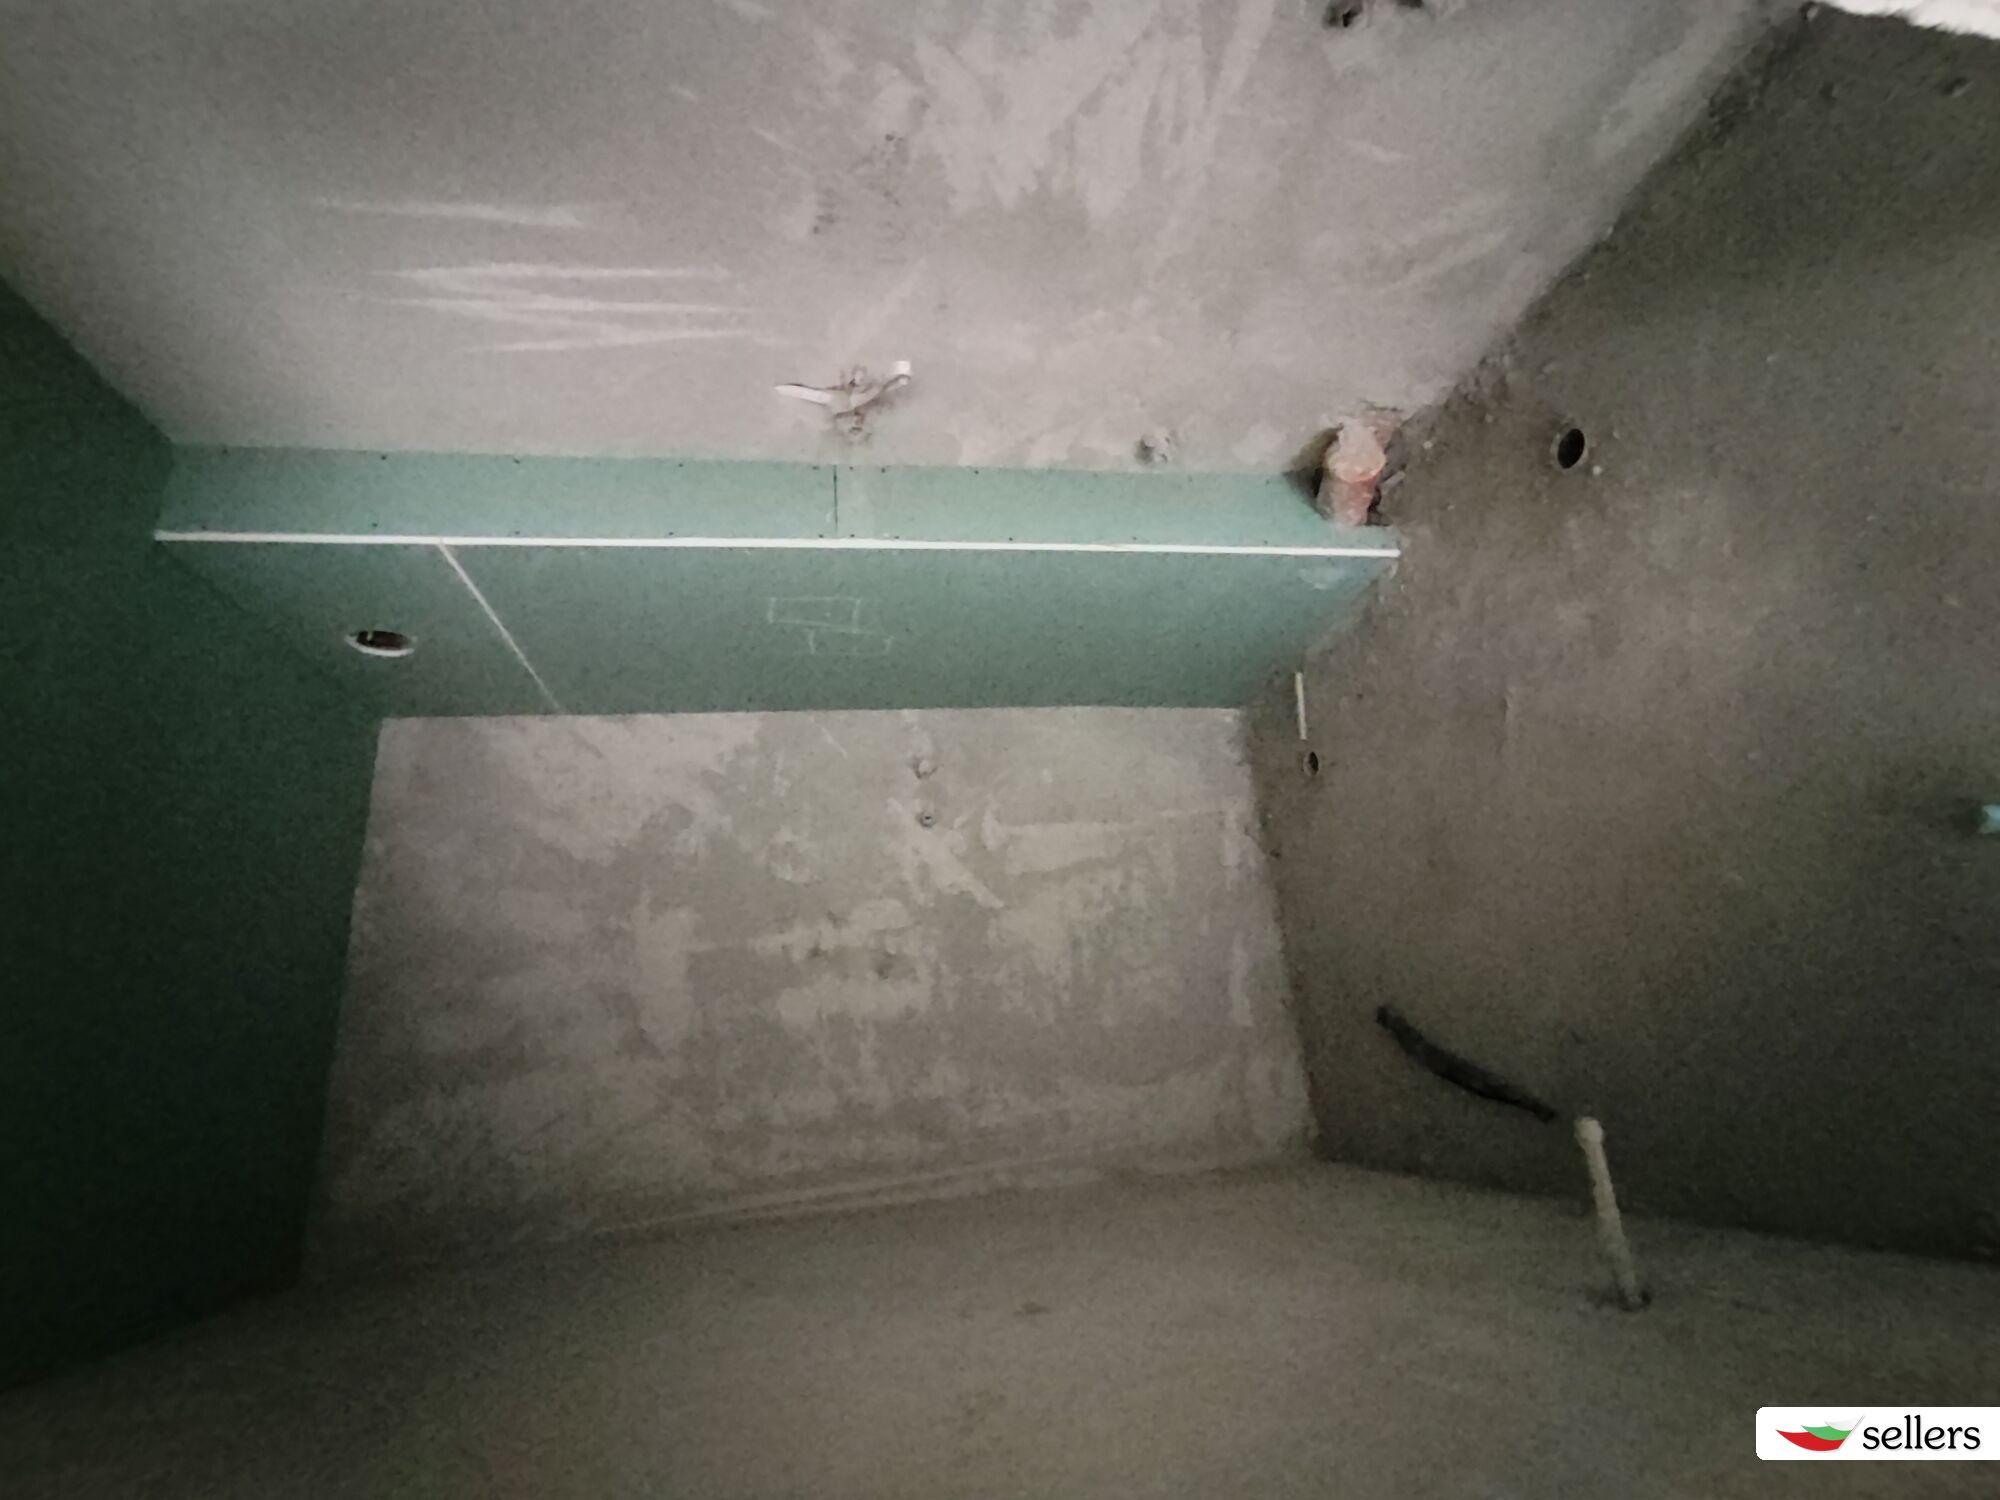 Двустаен апартамент от СОБСТВЕНИК Варна с ТЕЦ